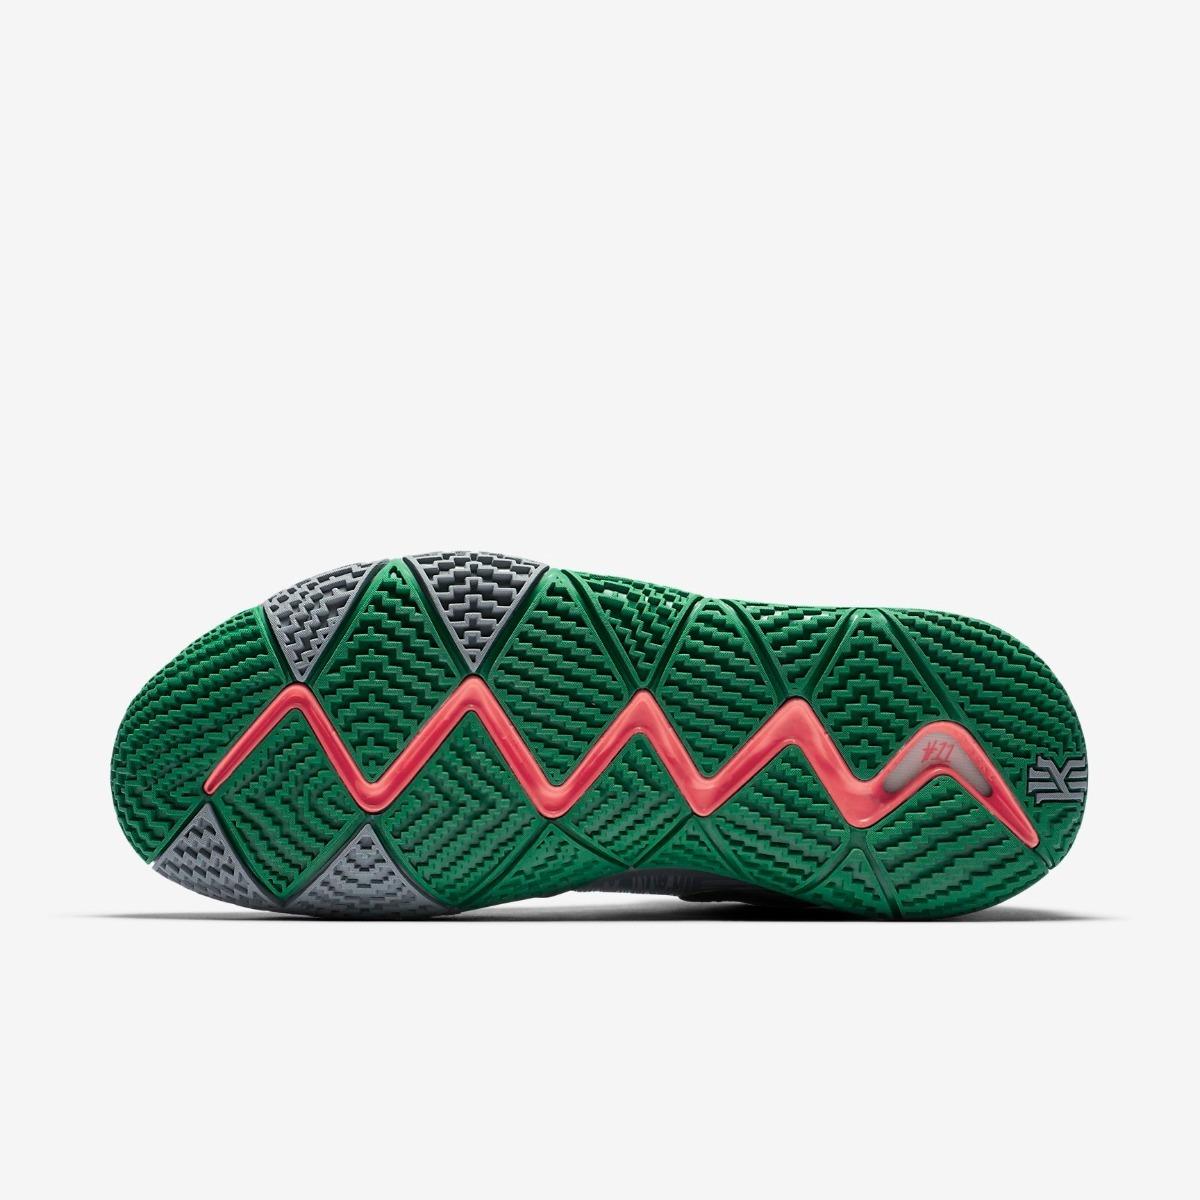 765eaaa4e0 Zapatilla Nike Kyrie 4 Temp. 2017/2018 - A Pedido - $ 8.798,90 en ...